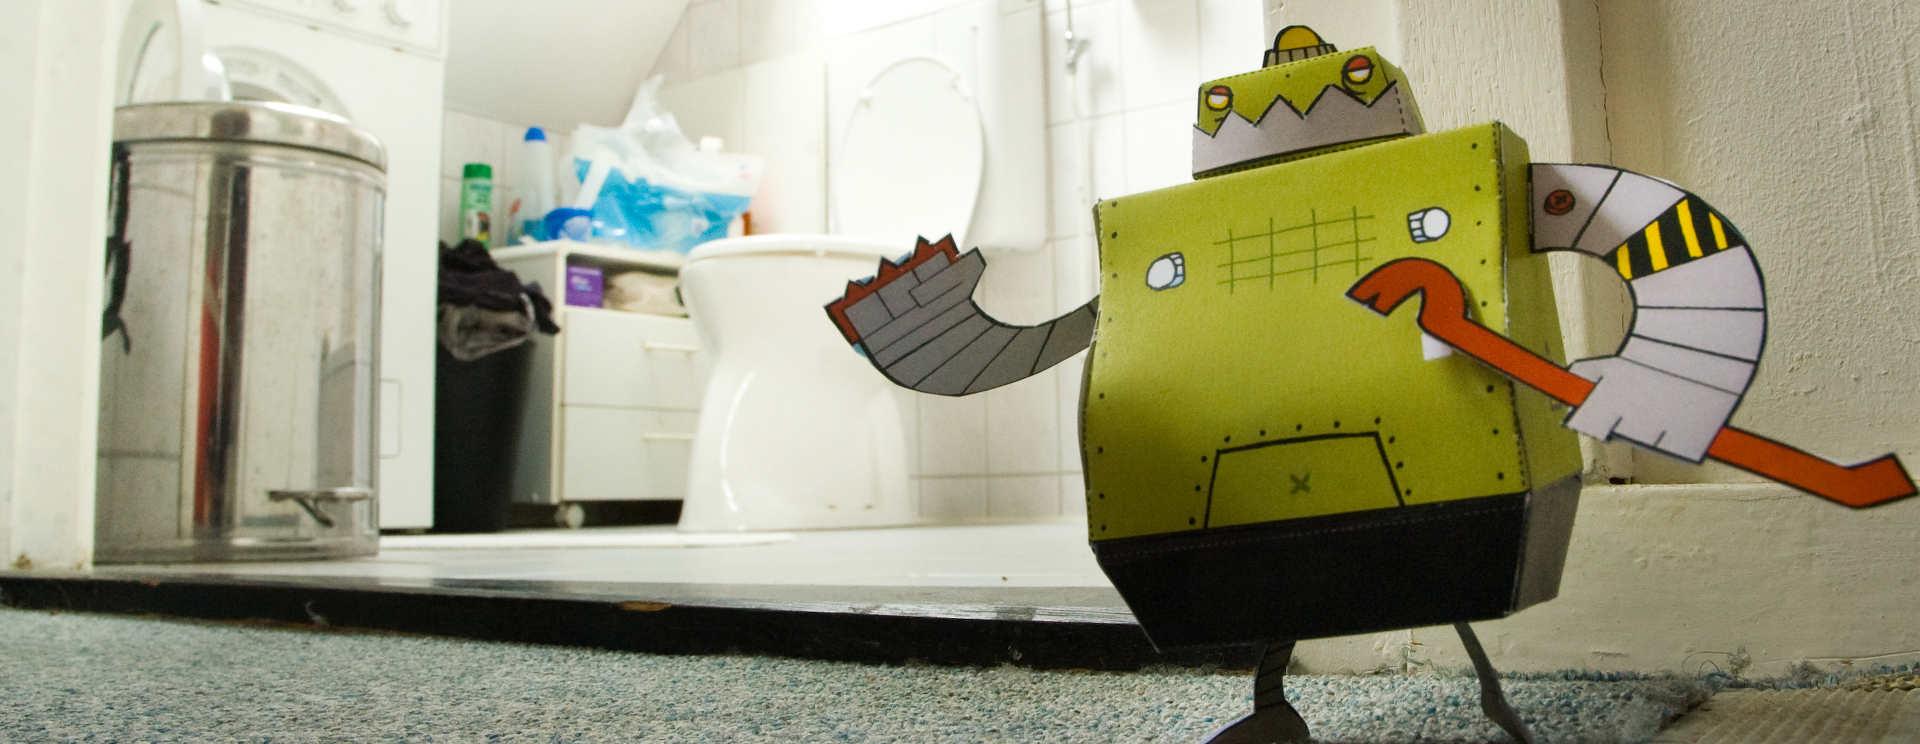 Â¿Realmente quieres poner un bot en tu empresa?